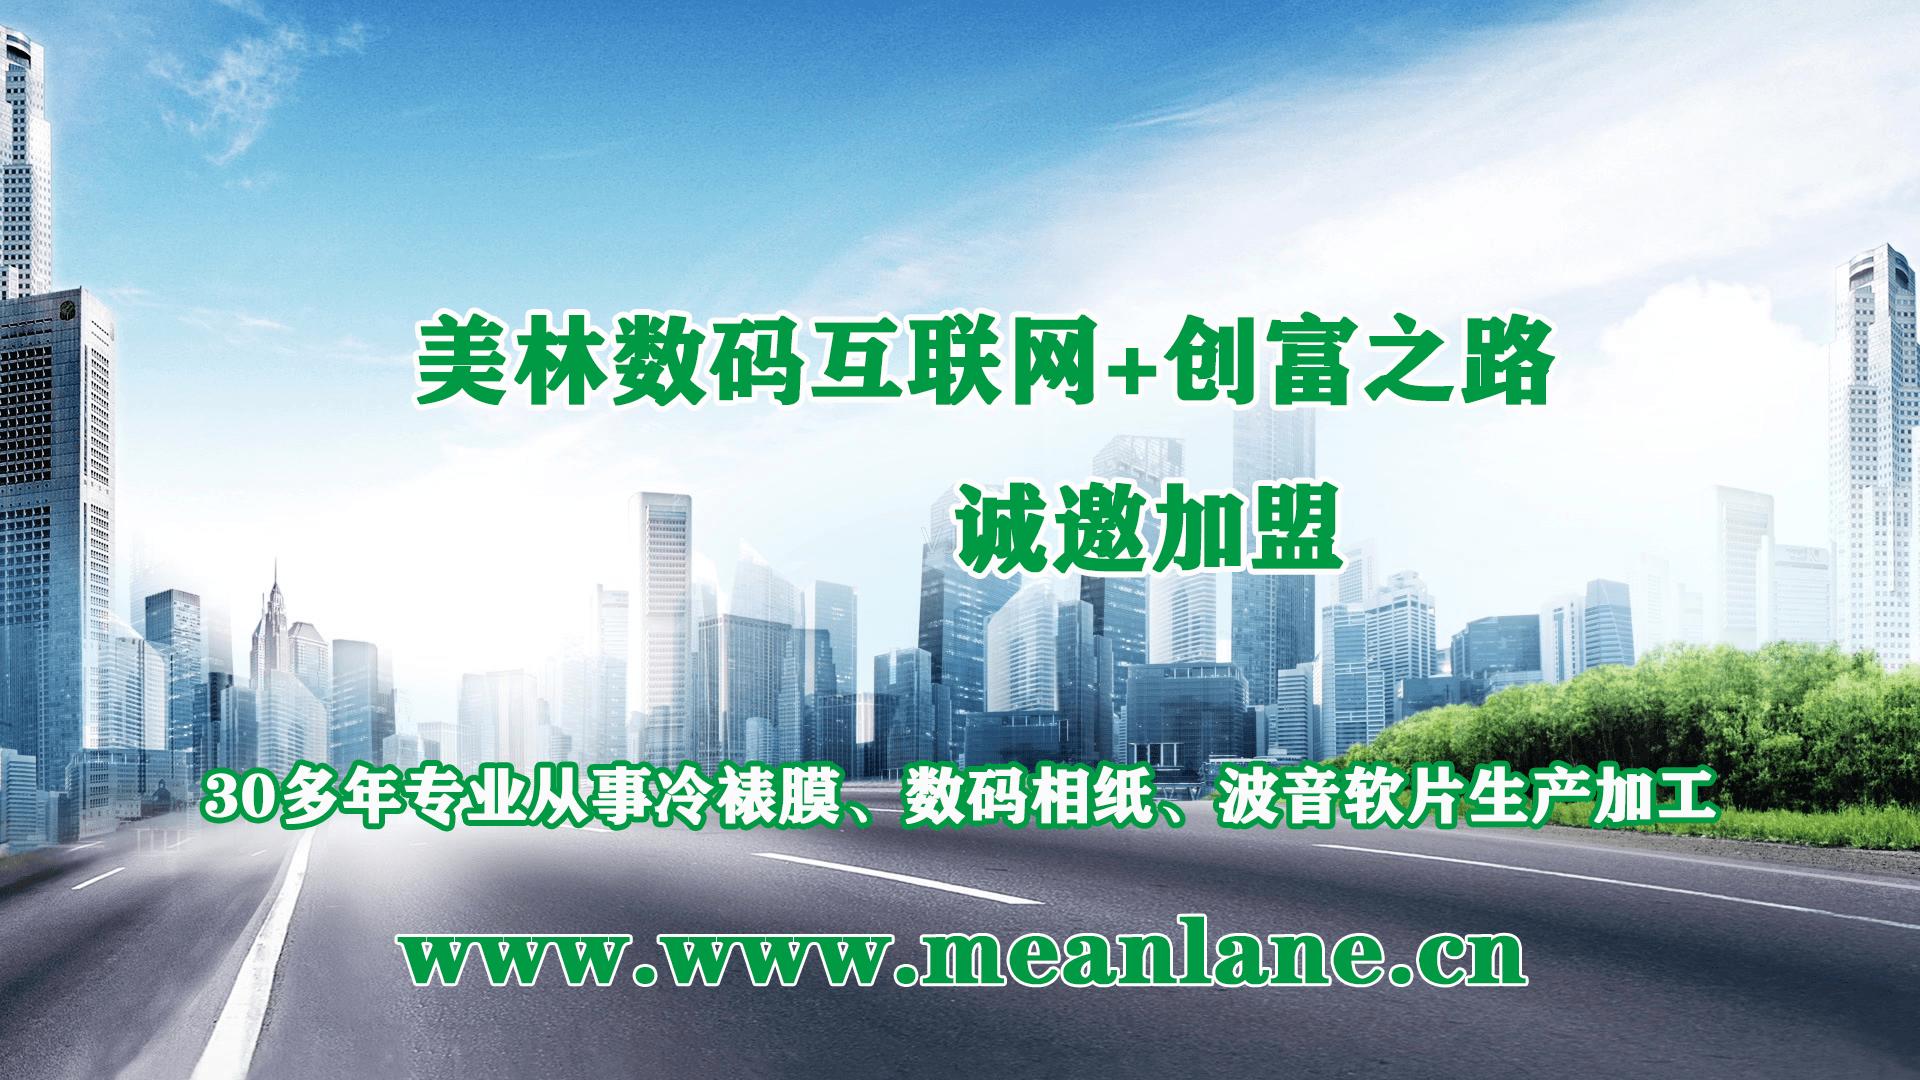 """为熟悉当地市场代理商,美林数码打造接地气的""""中国制造""""本地化平台品牌厂商"""